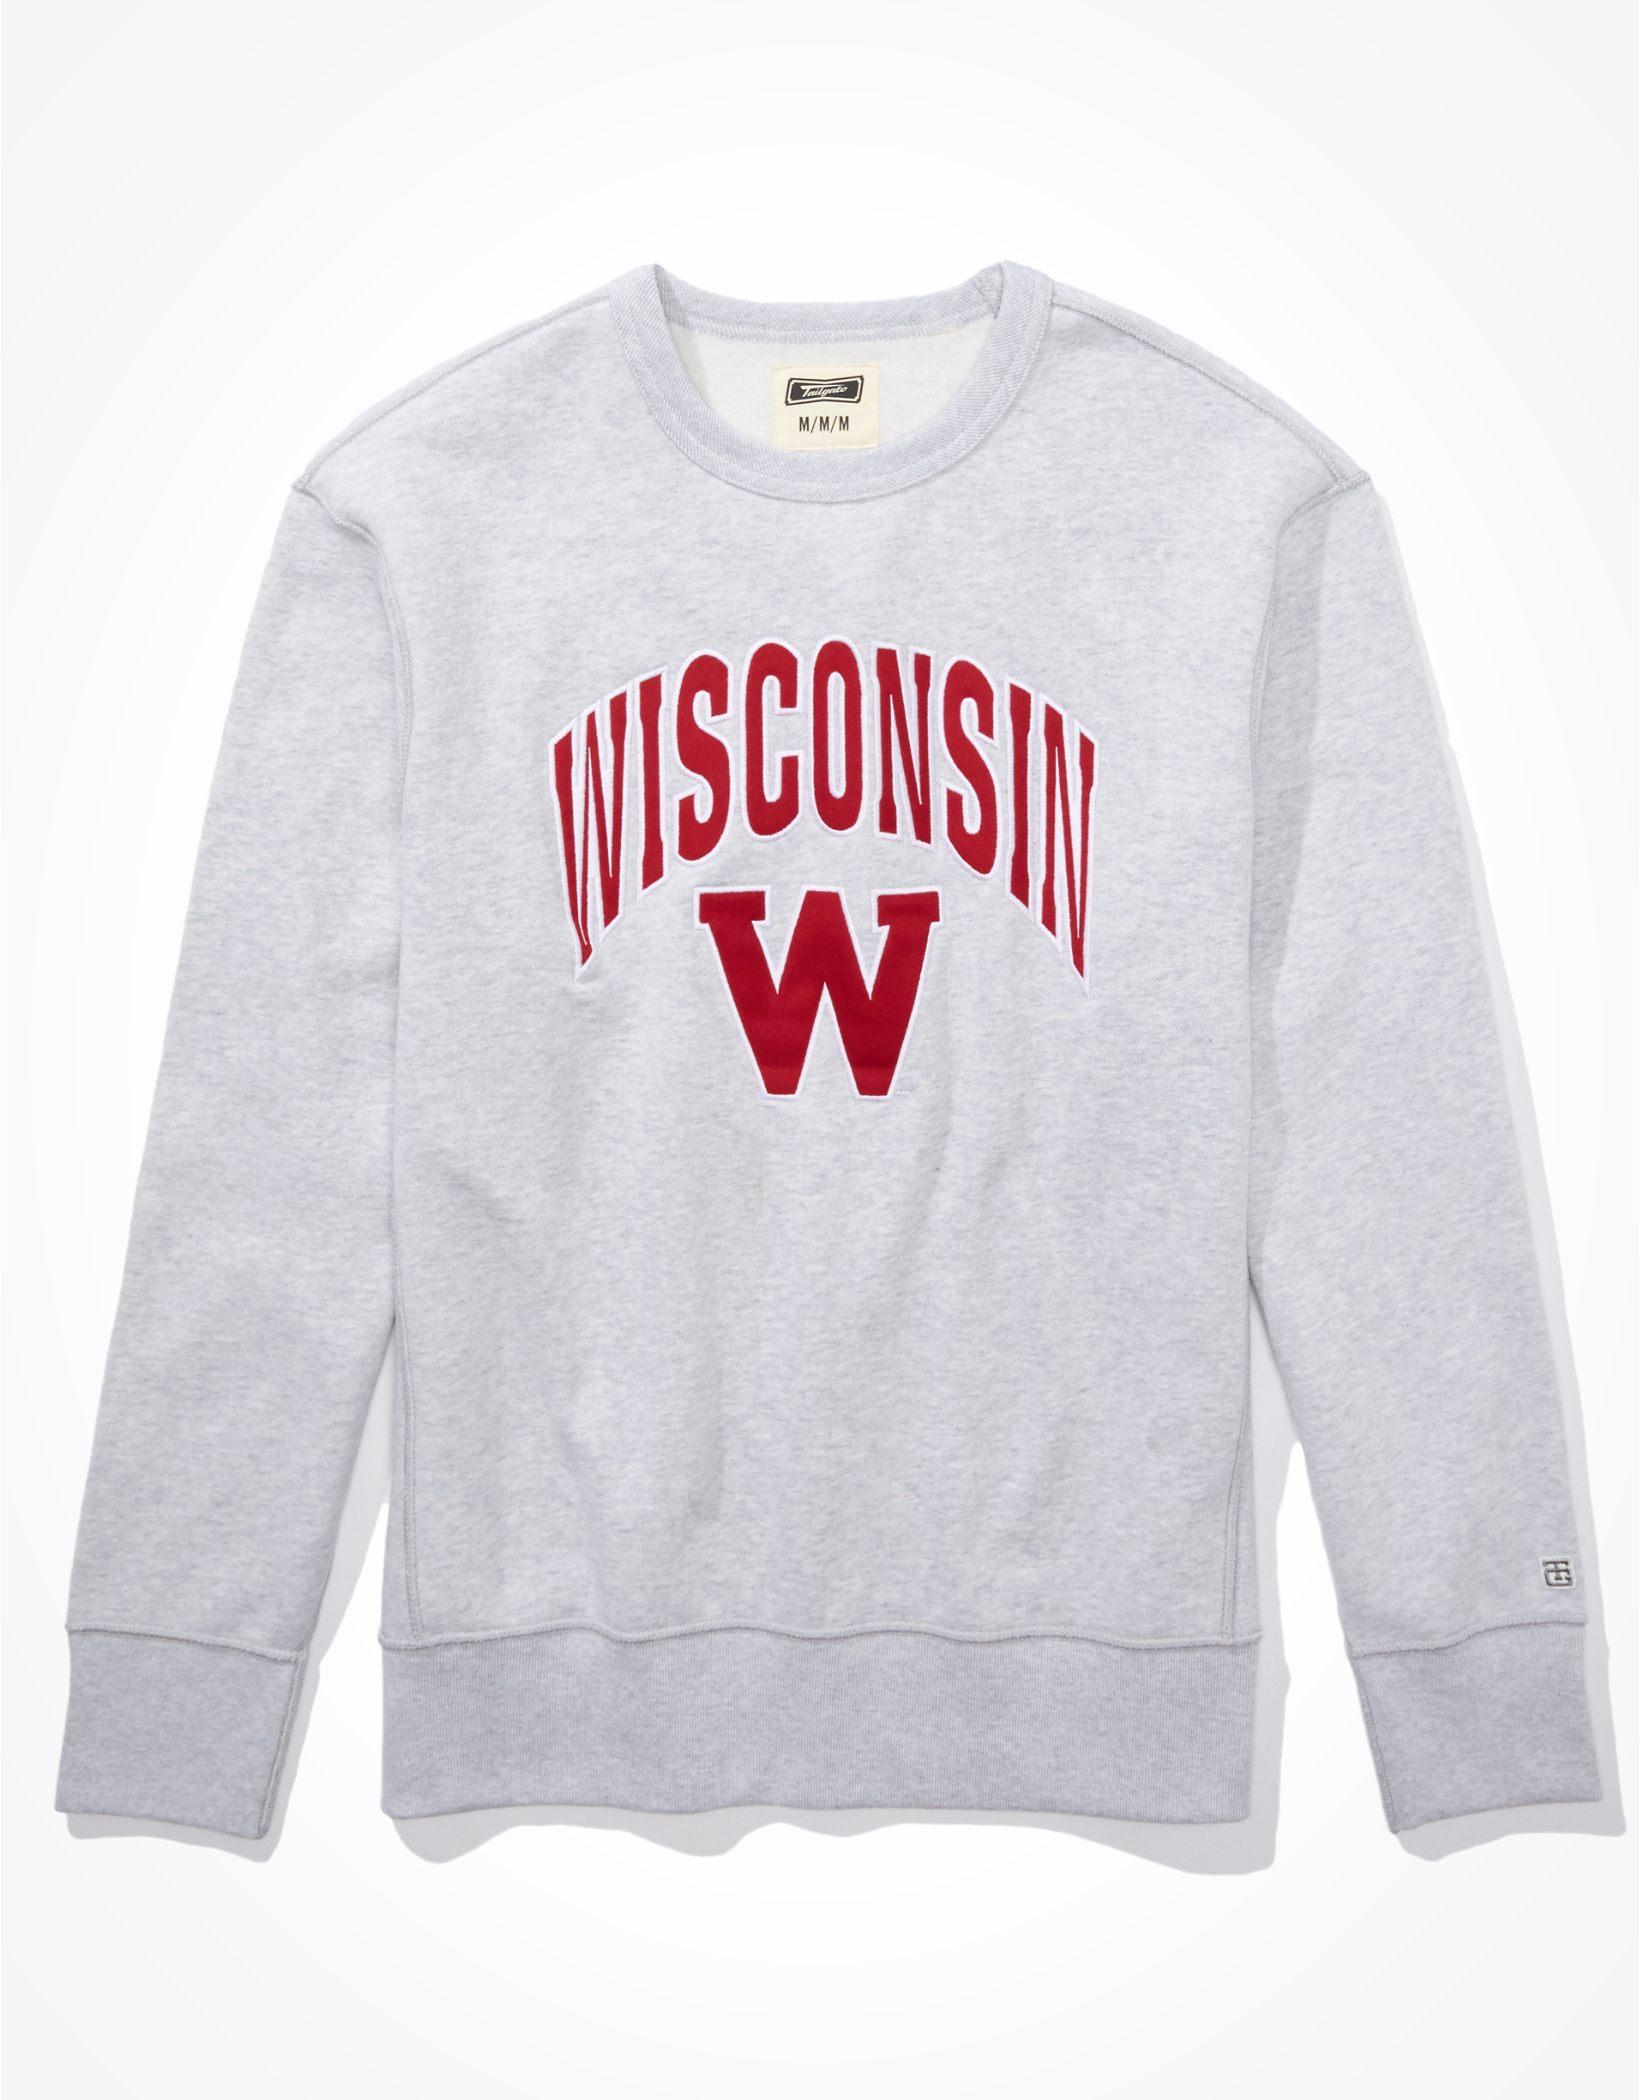 Tailgate Men's Wisconsin Badgers Crew Neck Sweatshirt